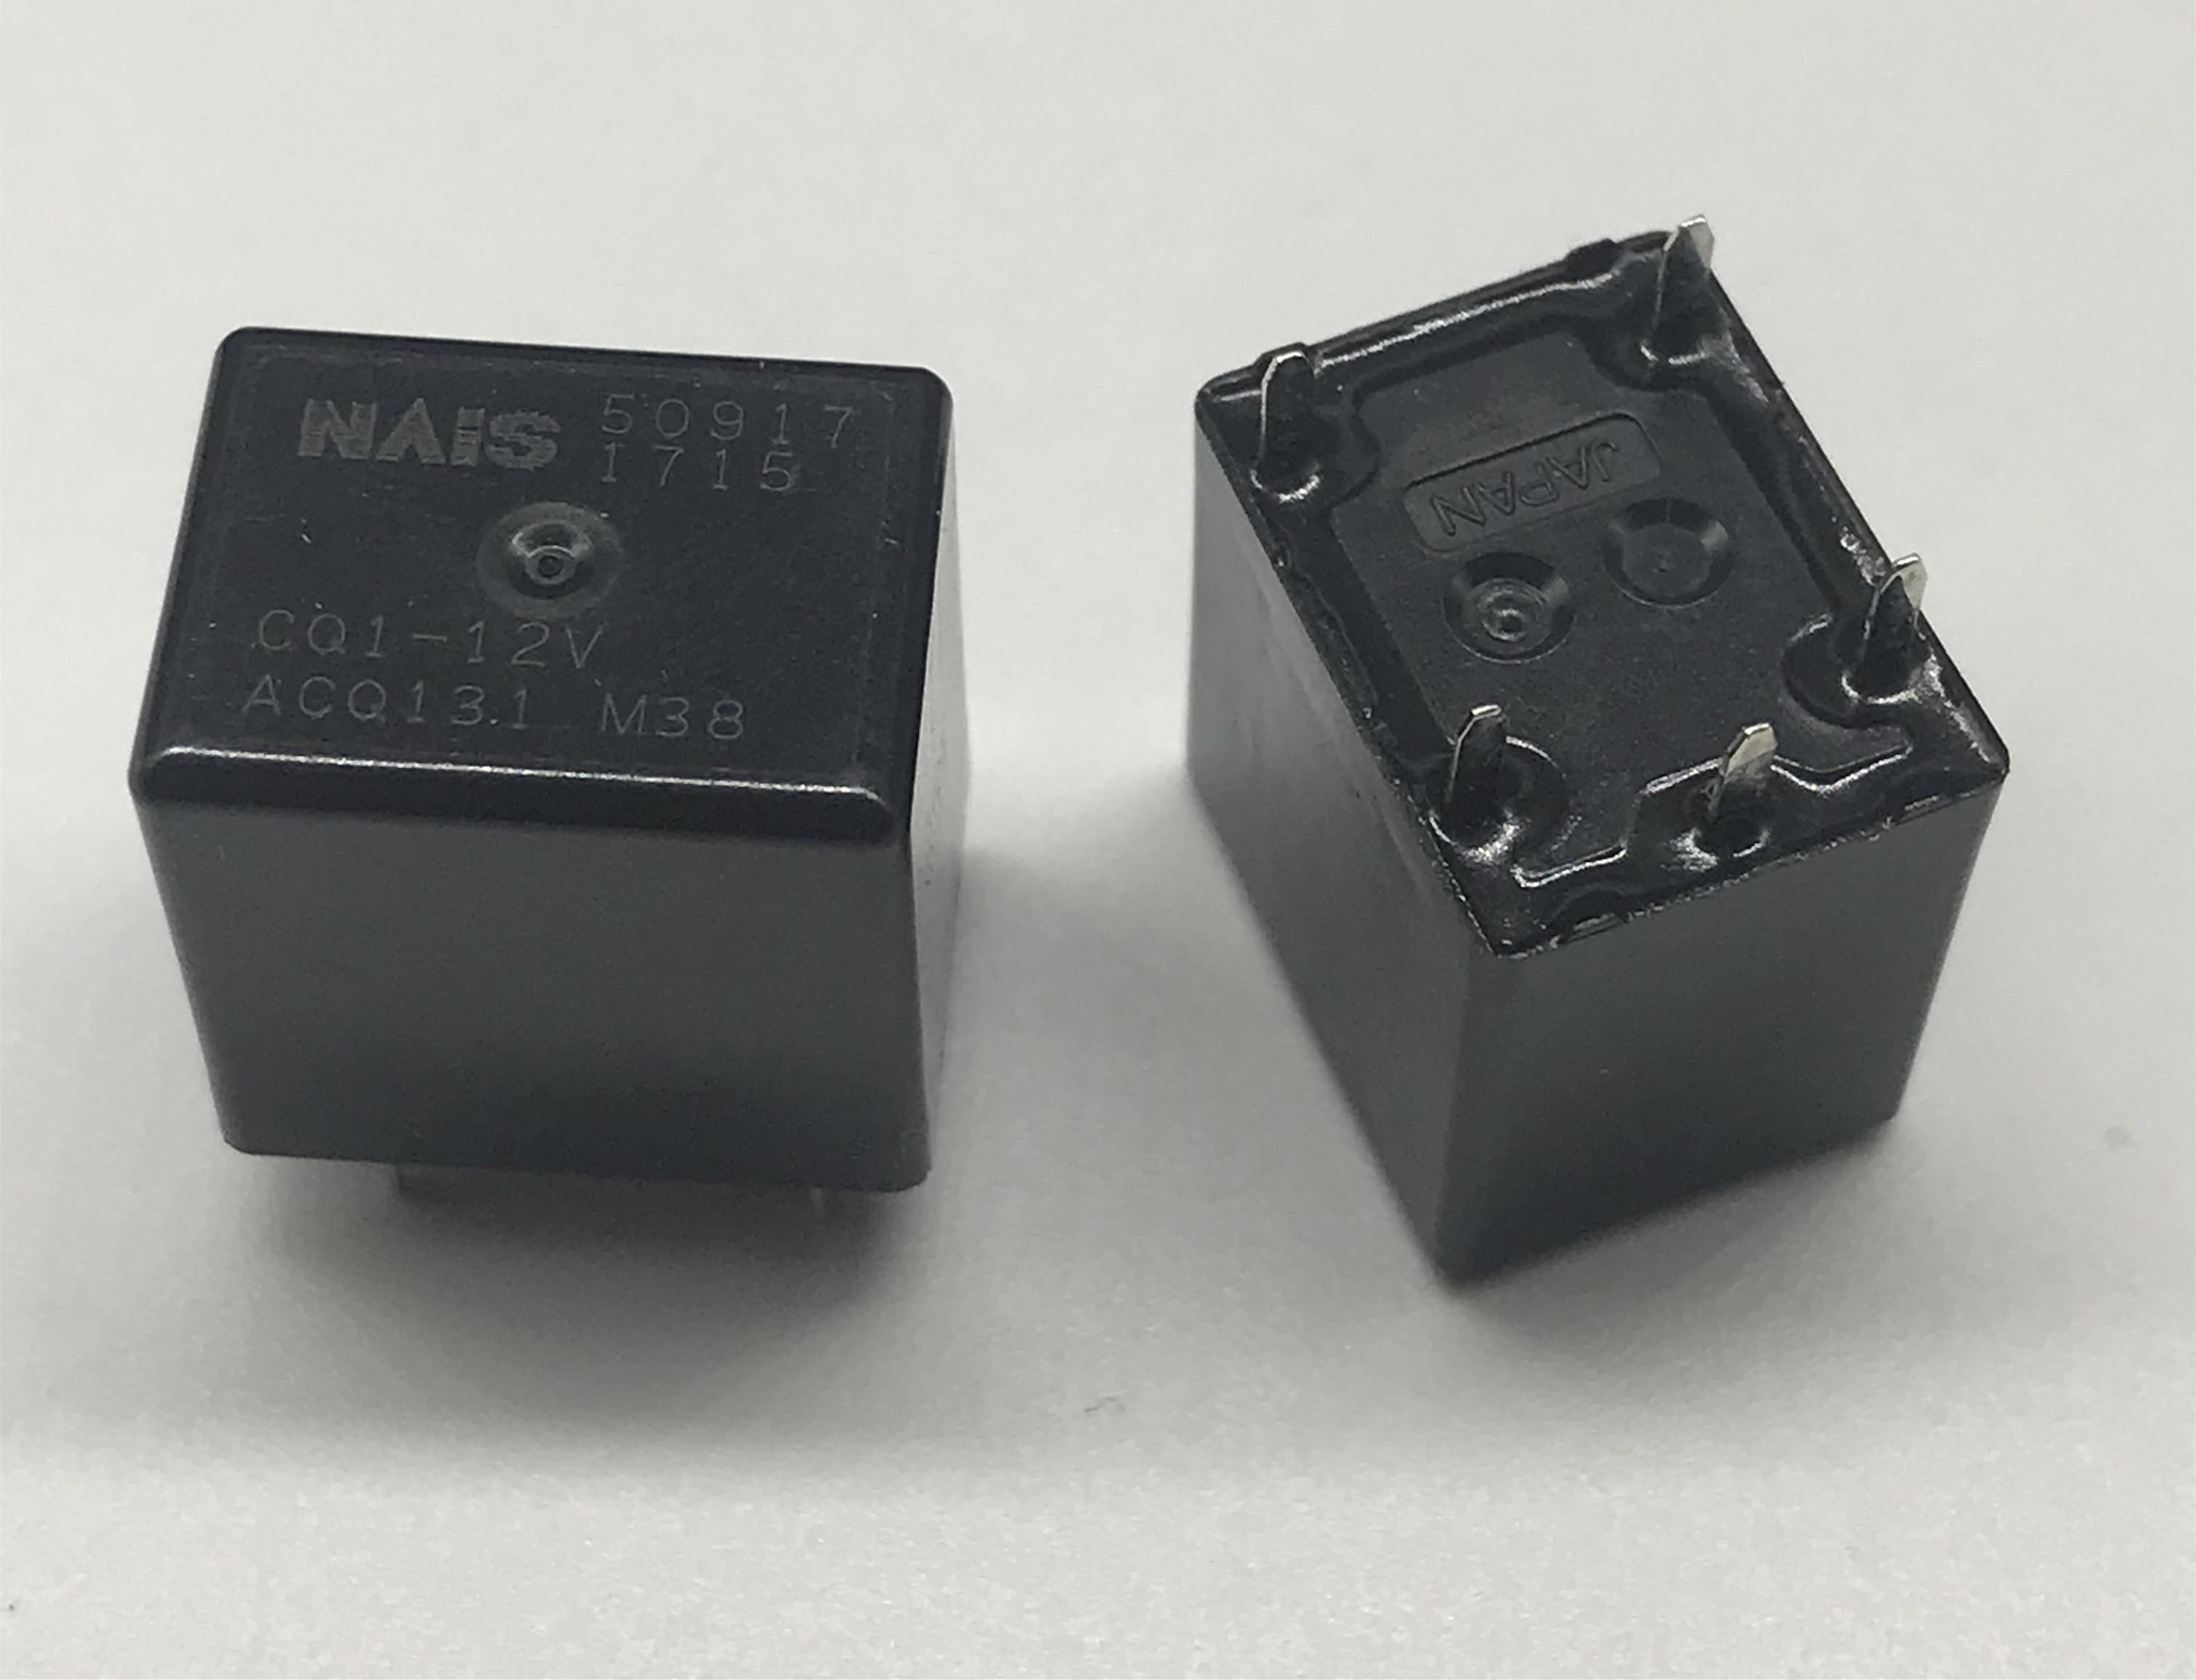 lote O envio gratuito (5 peças / lote) 100% Original New CQ1-12V ACQ131 CQ1-12VDC CQ1-DC12V 5pins 20A 12V Automotive Relays